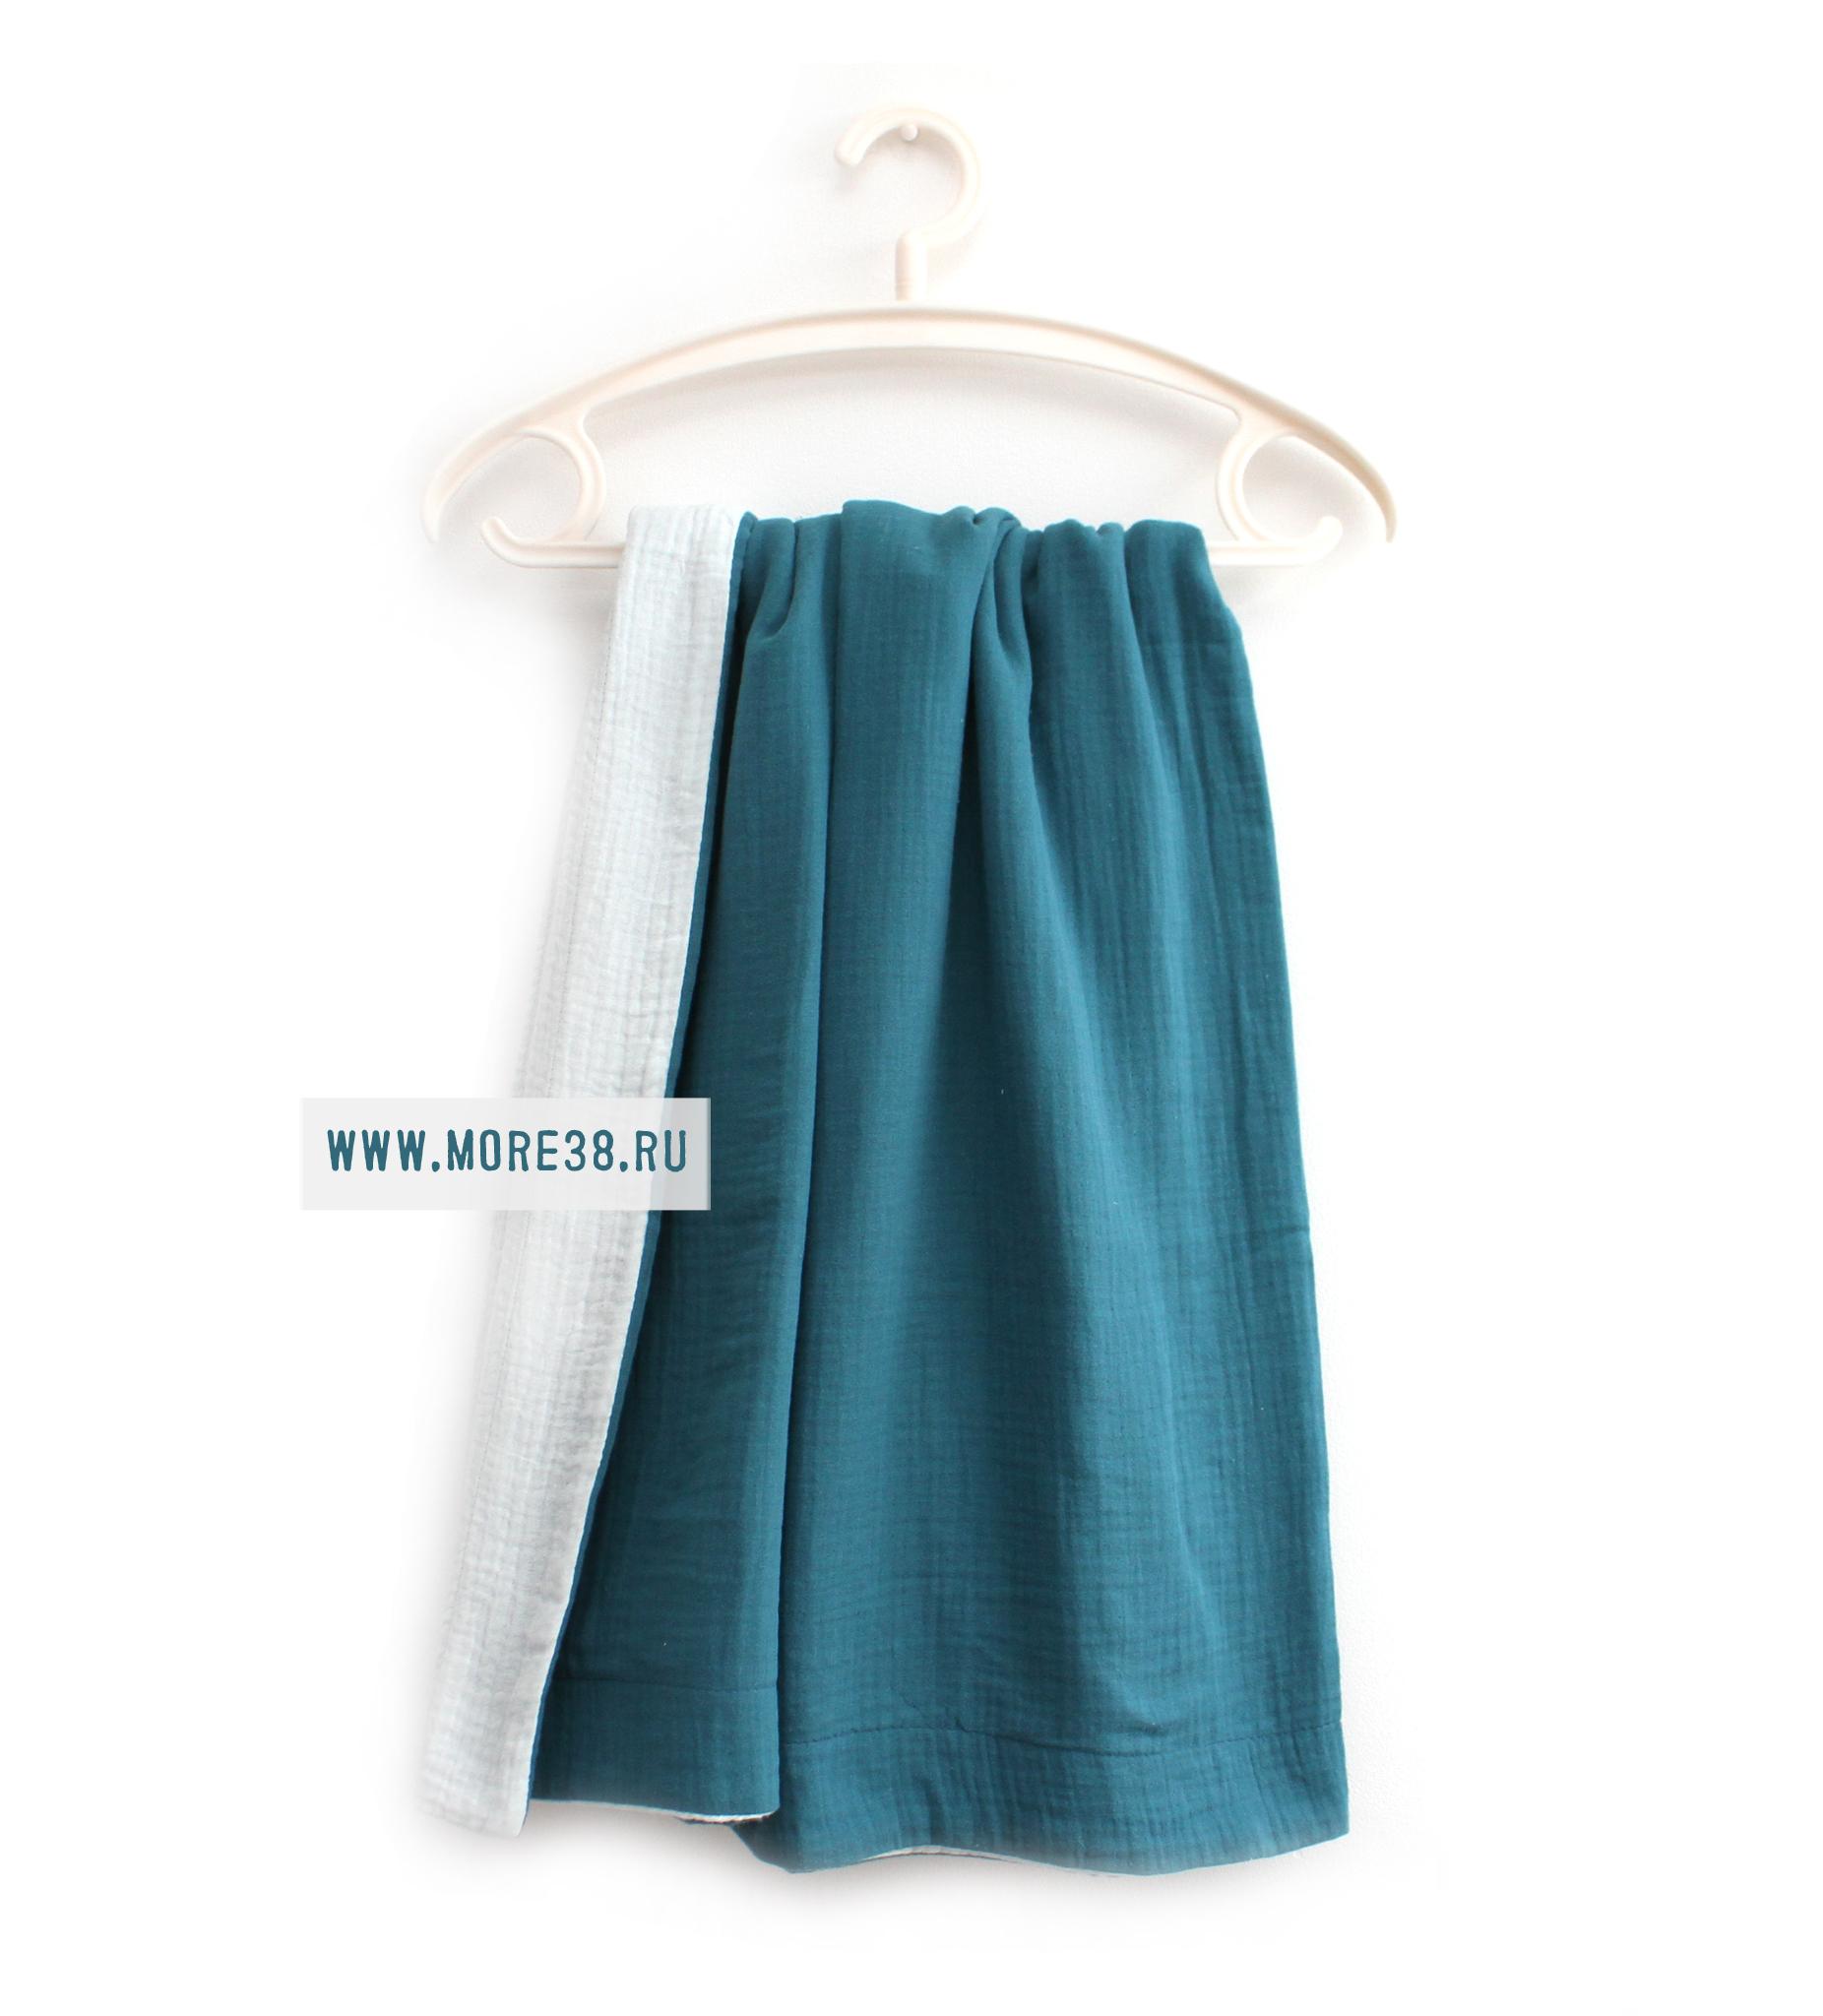 Муслиновые пледы-бледно-голубой+морская волна,4 слоя(1205+1376),100*130 см